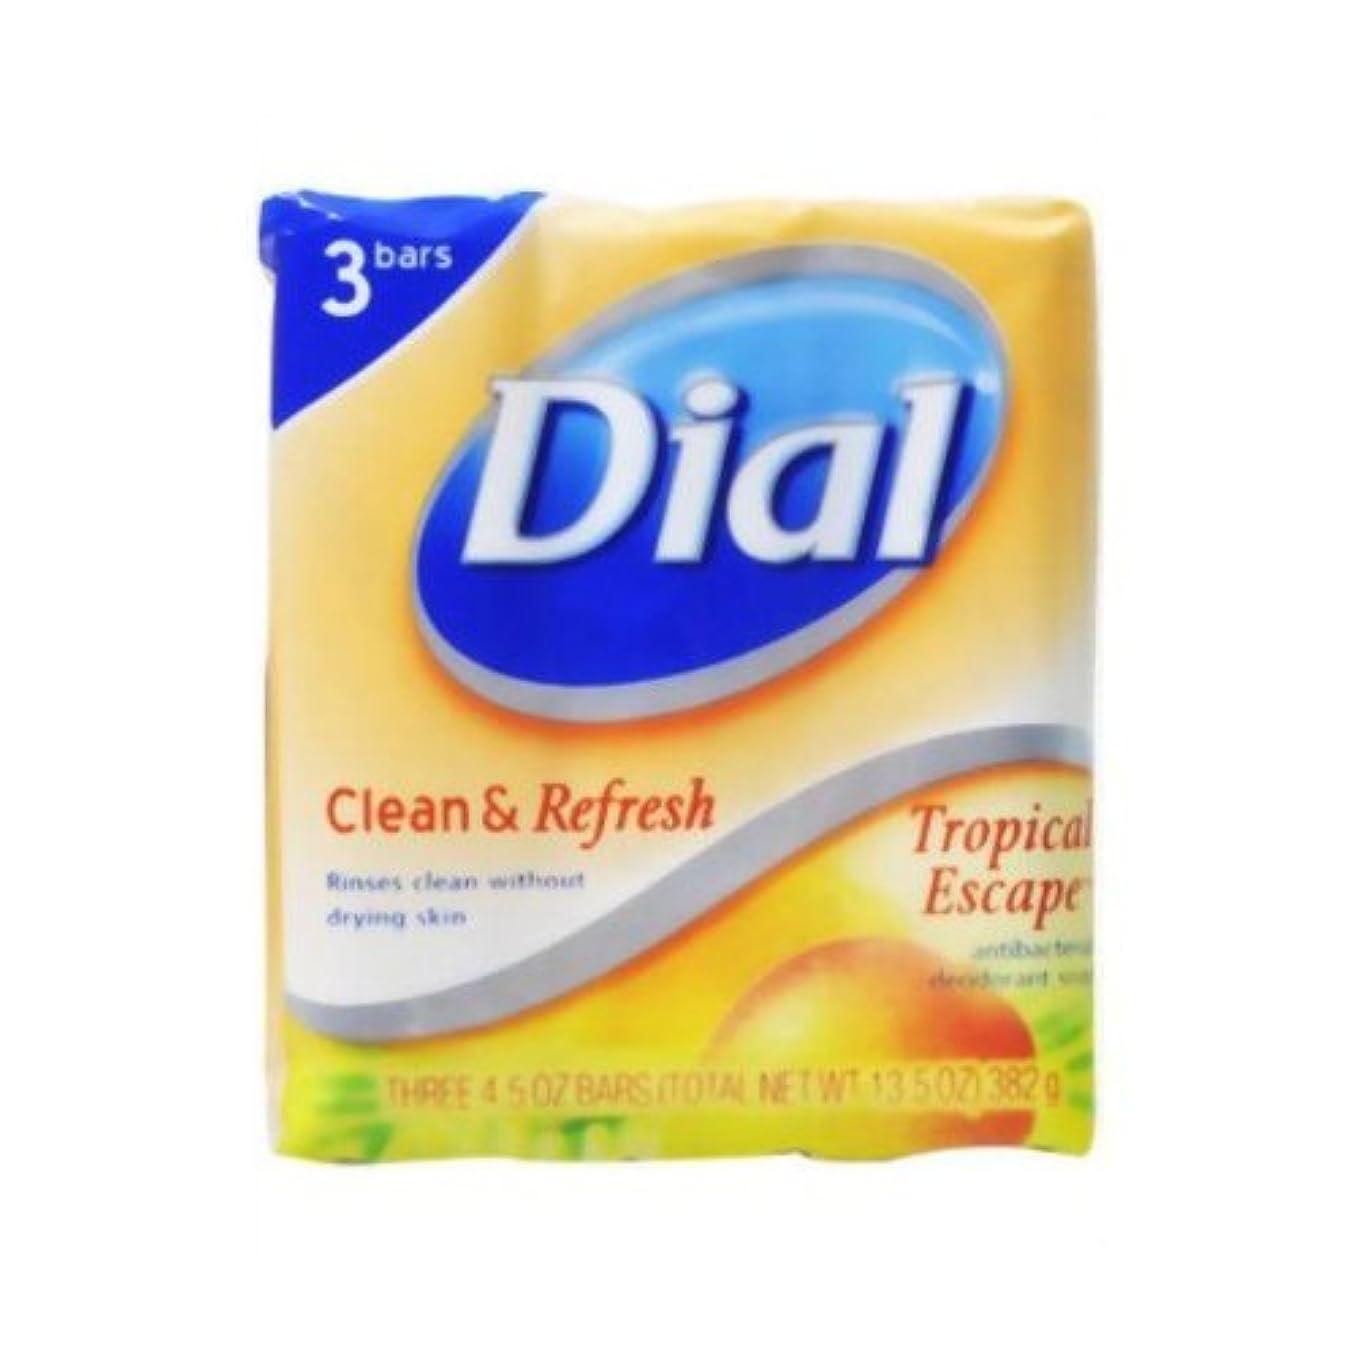 遅い機転仕方【DIAL】ダイアル デオドラント石鹸 トロピカルエスケープ 3個パック